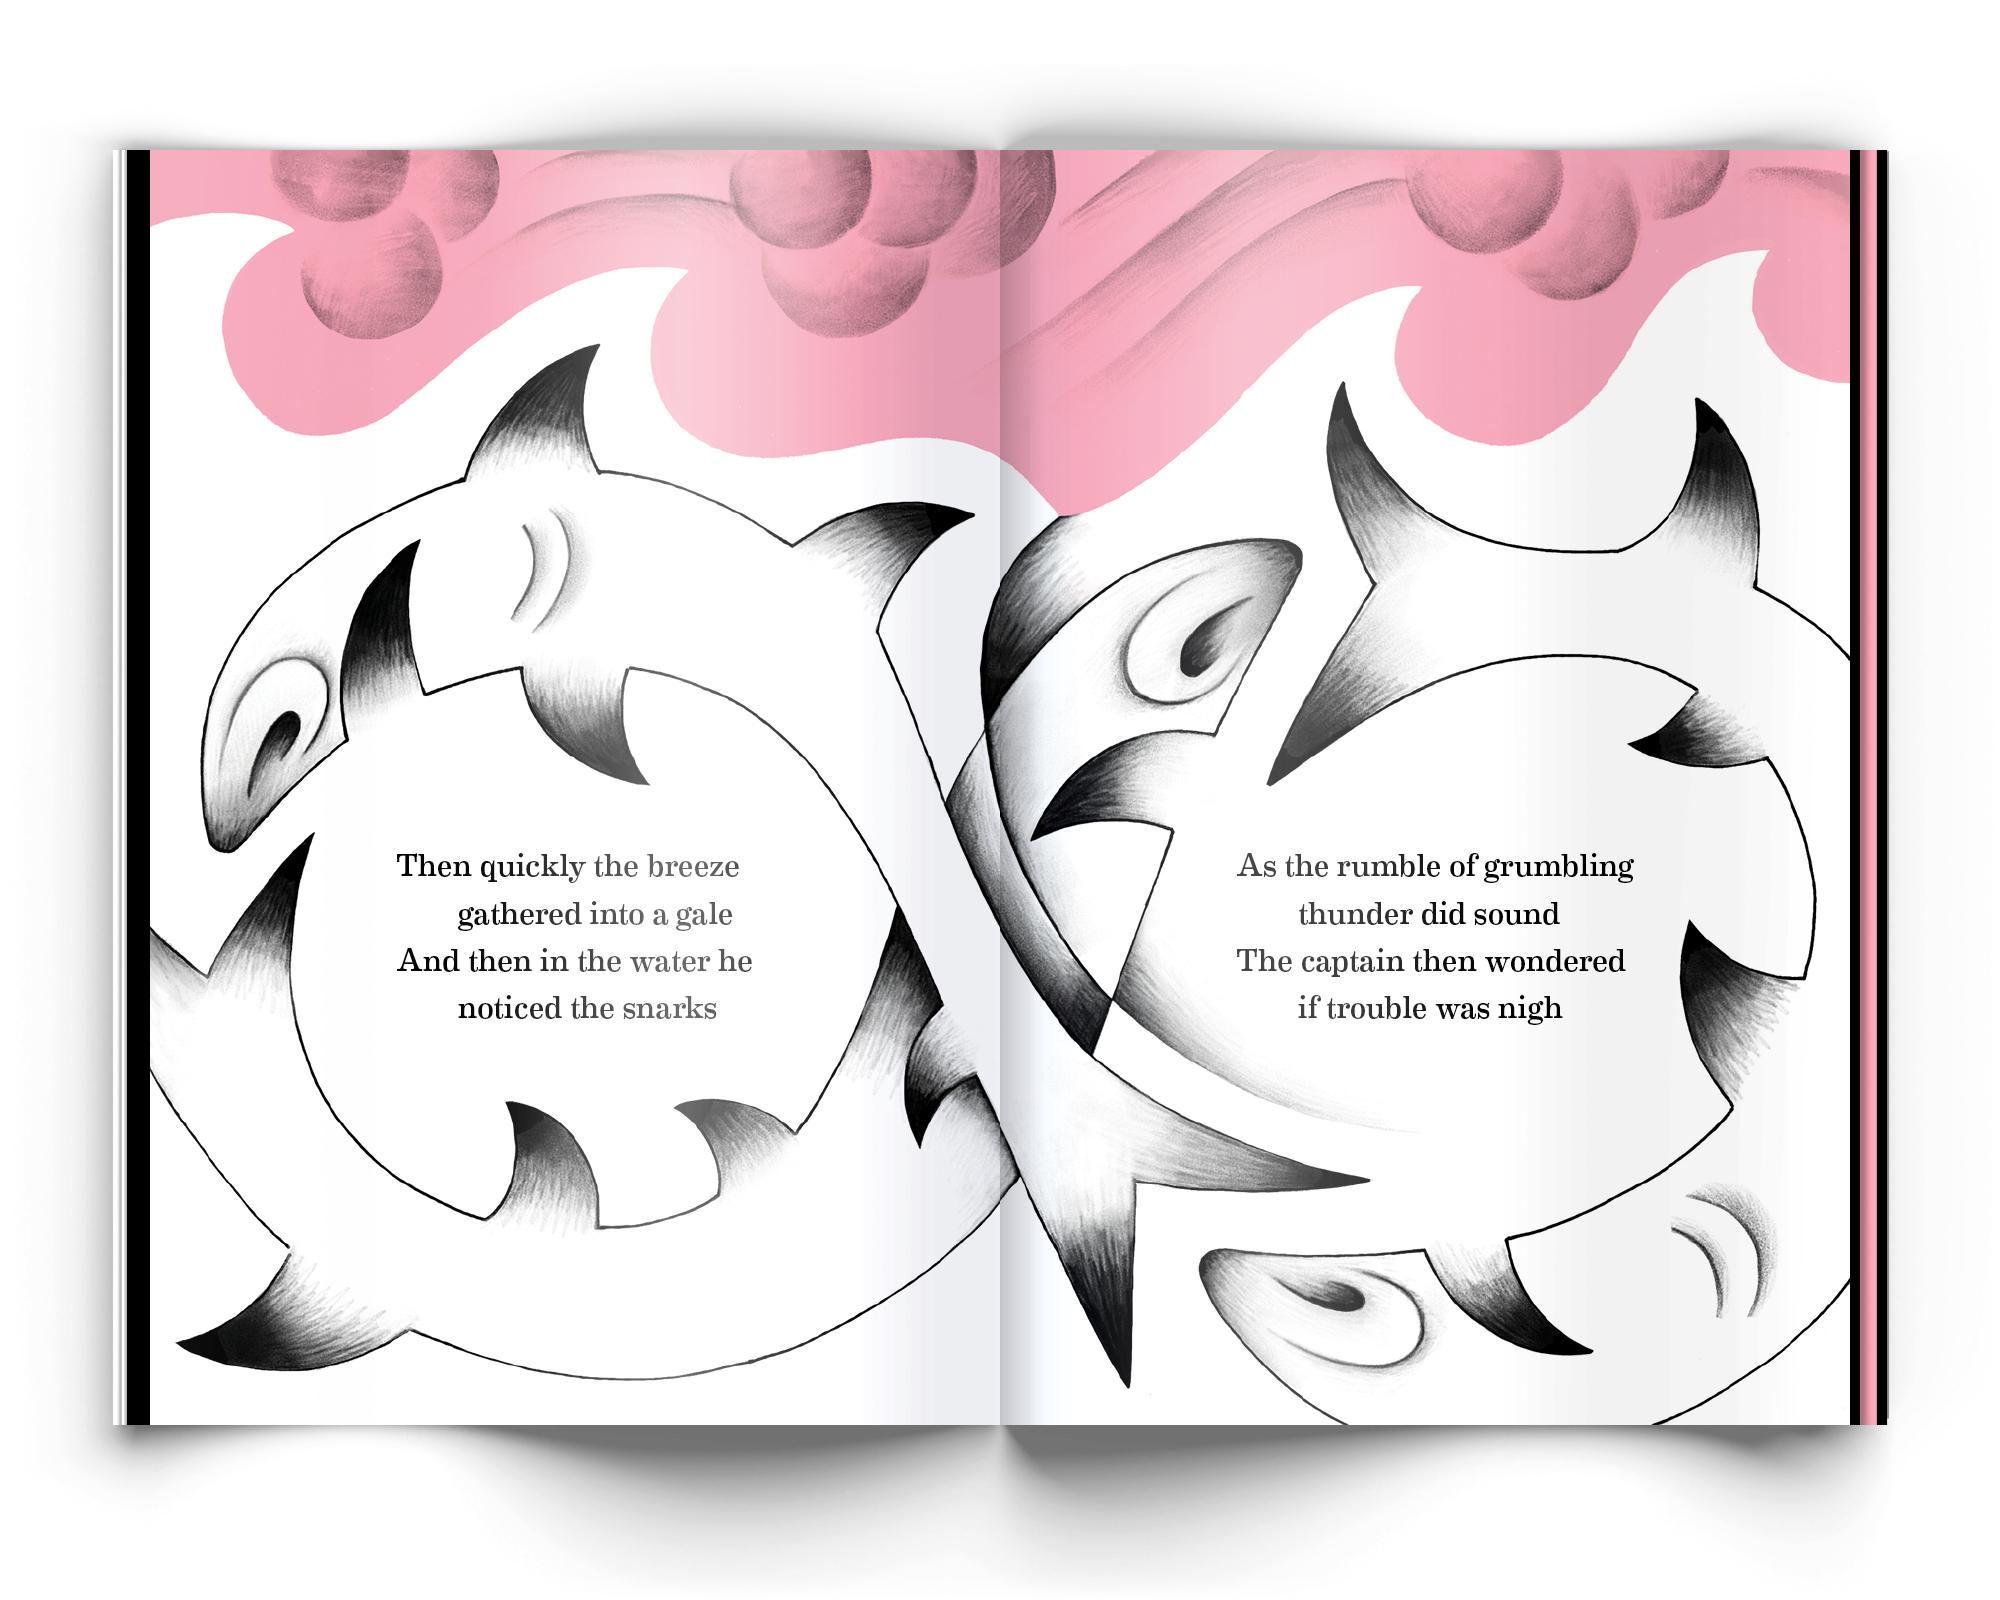 lolly-design-7.jpg